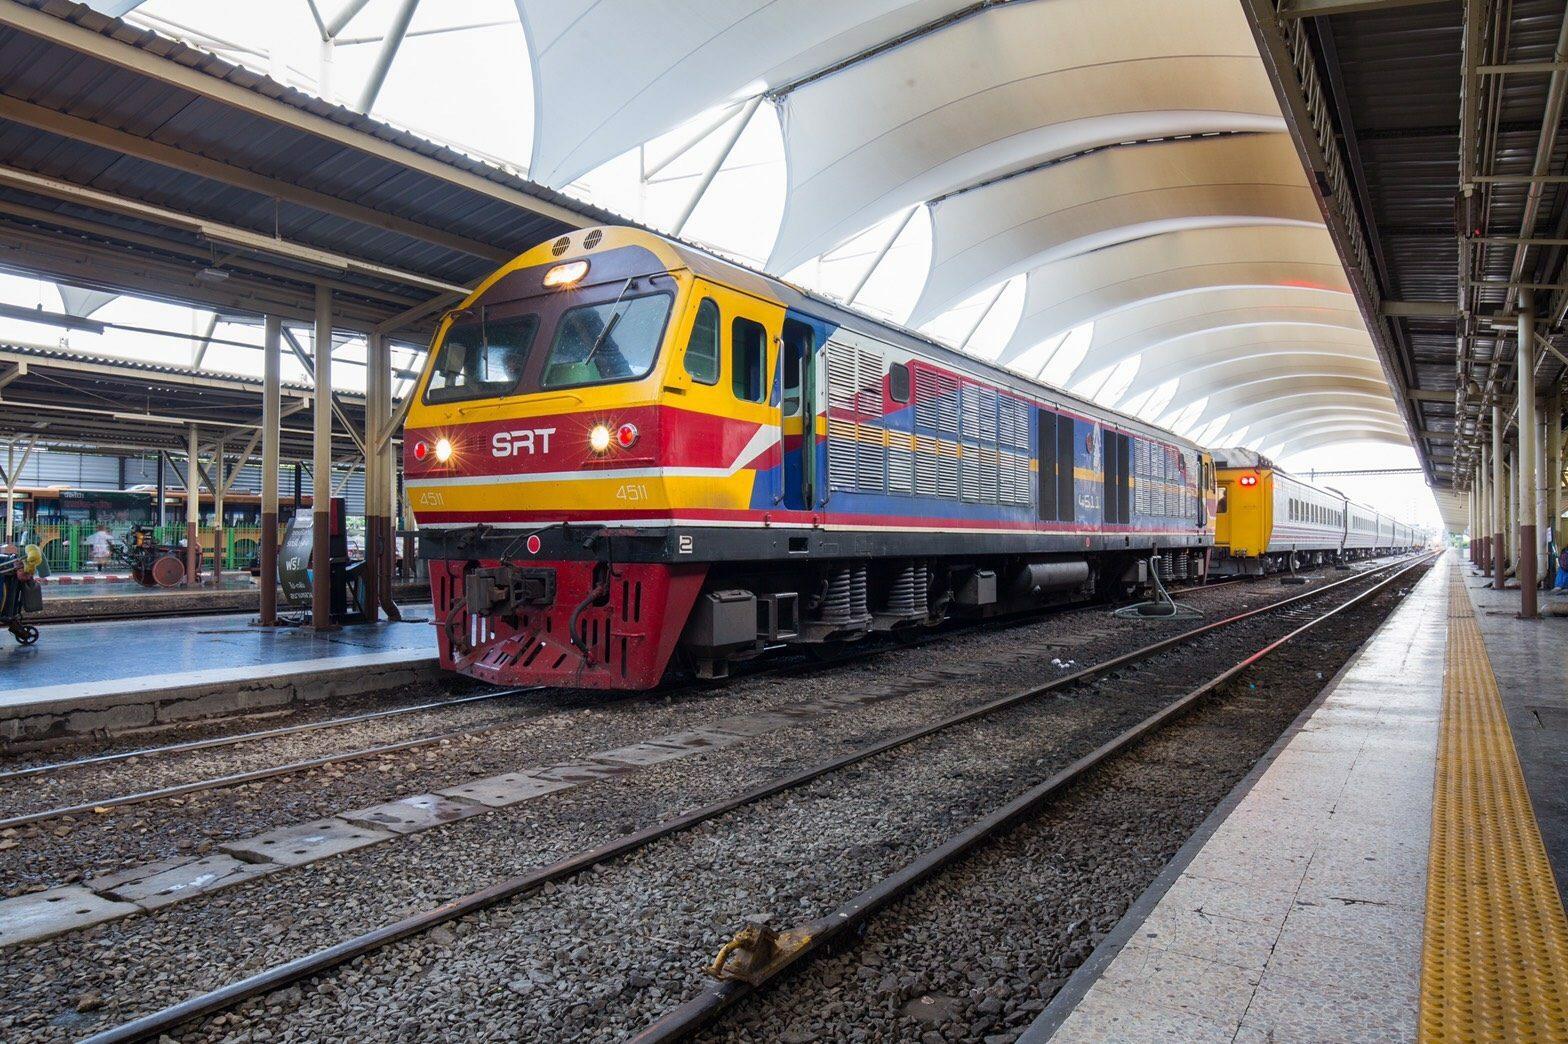 ผู้โดยสารแห่คืนตั๋วรถไฟกว่า 3 หมื่นใบ รถไฟฯ สูญรายได้กว่า 13.7 ล้าน